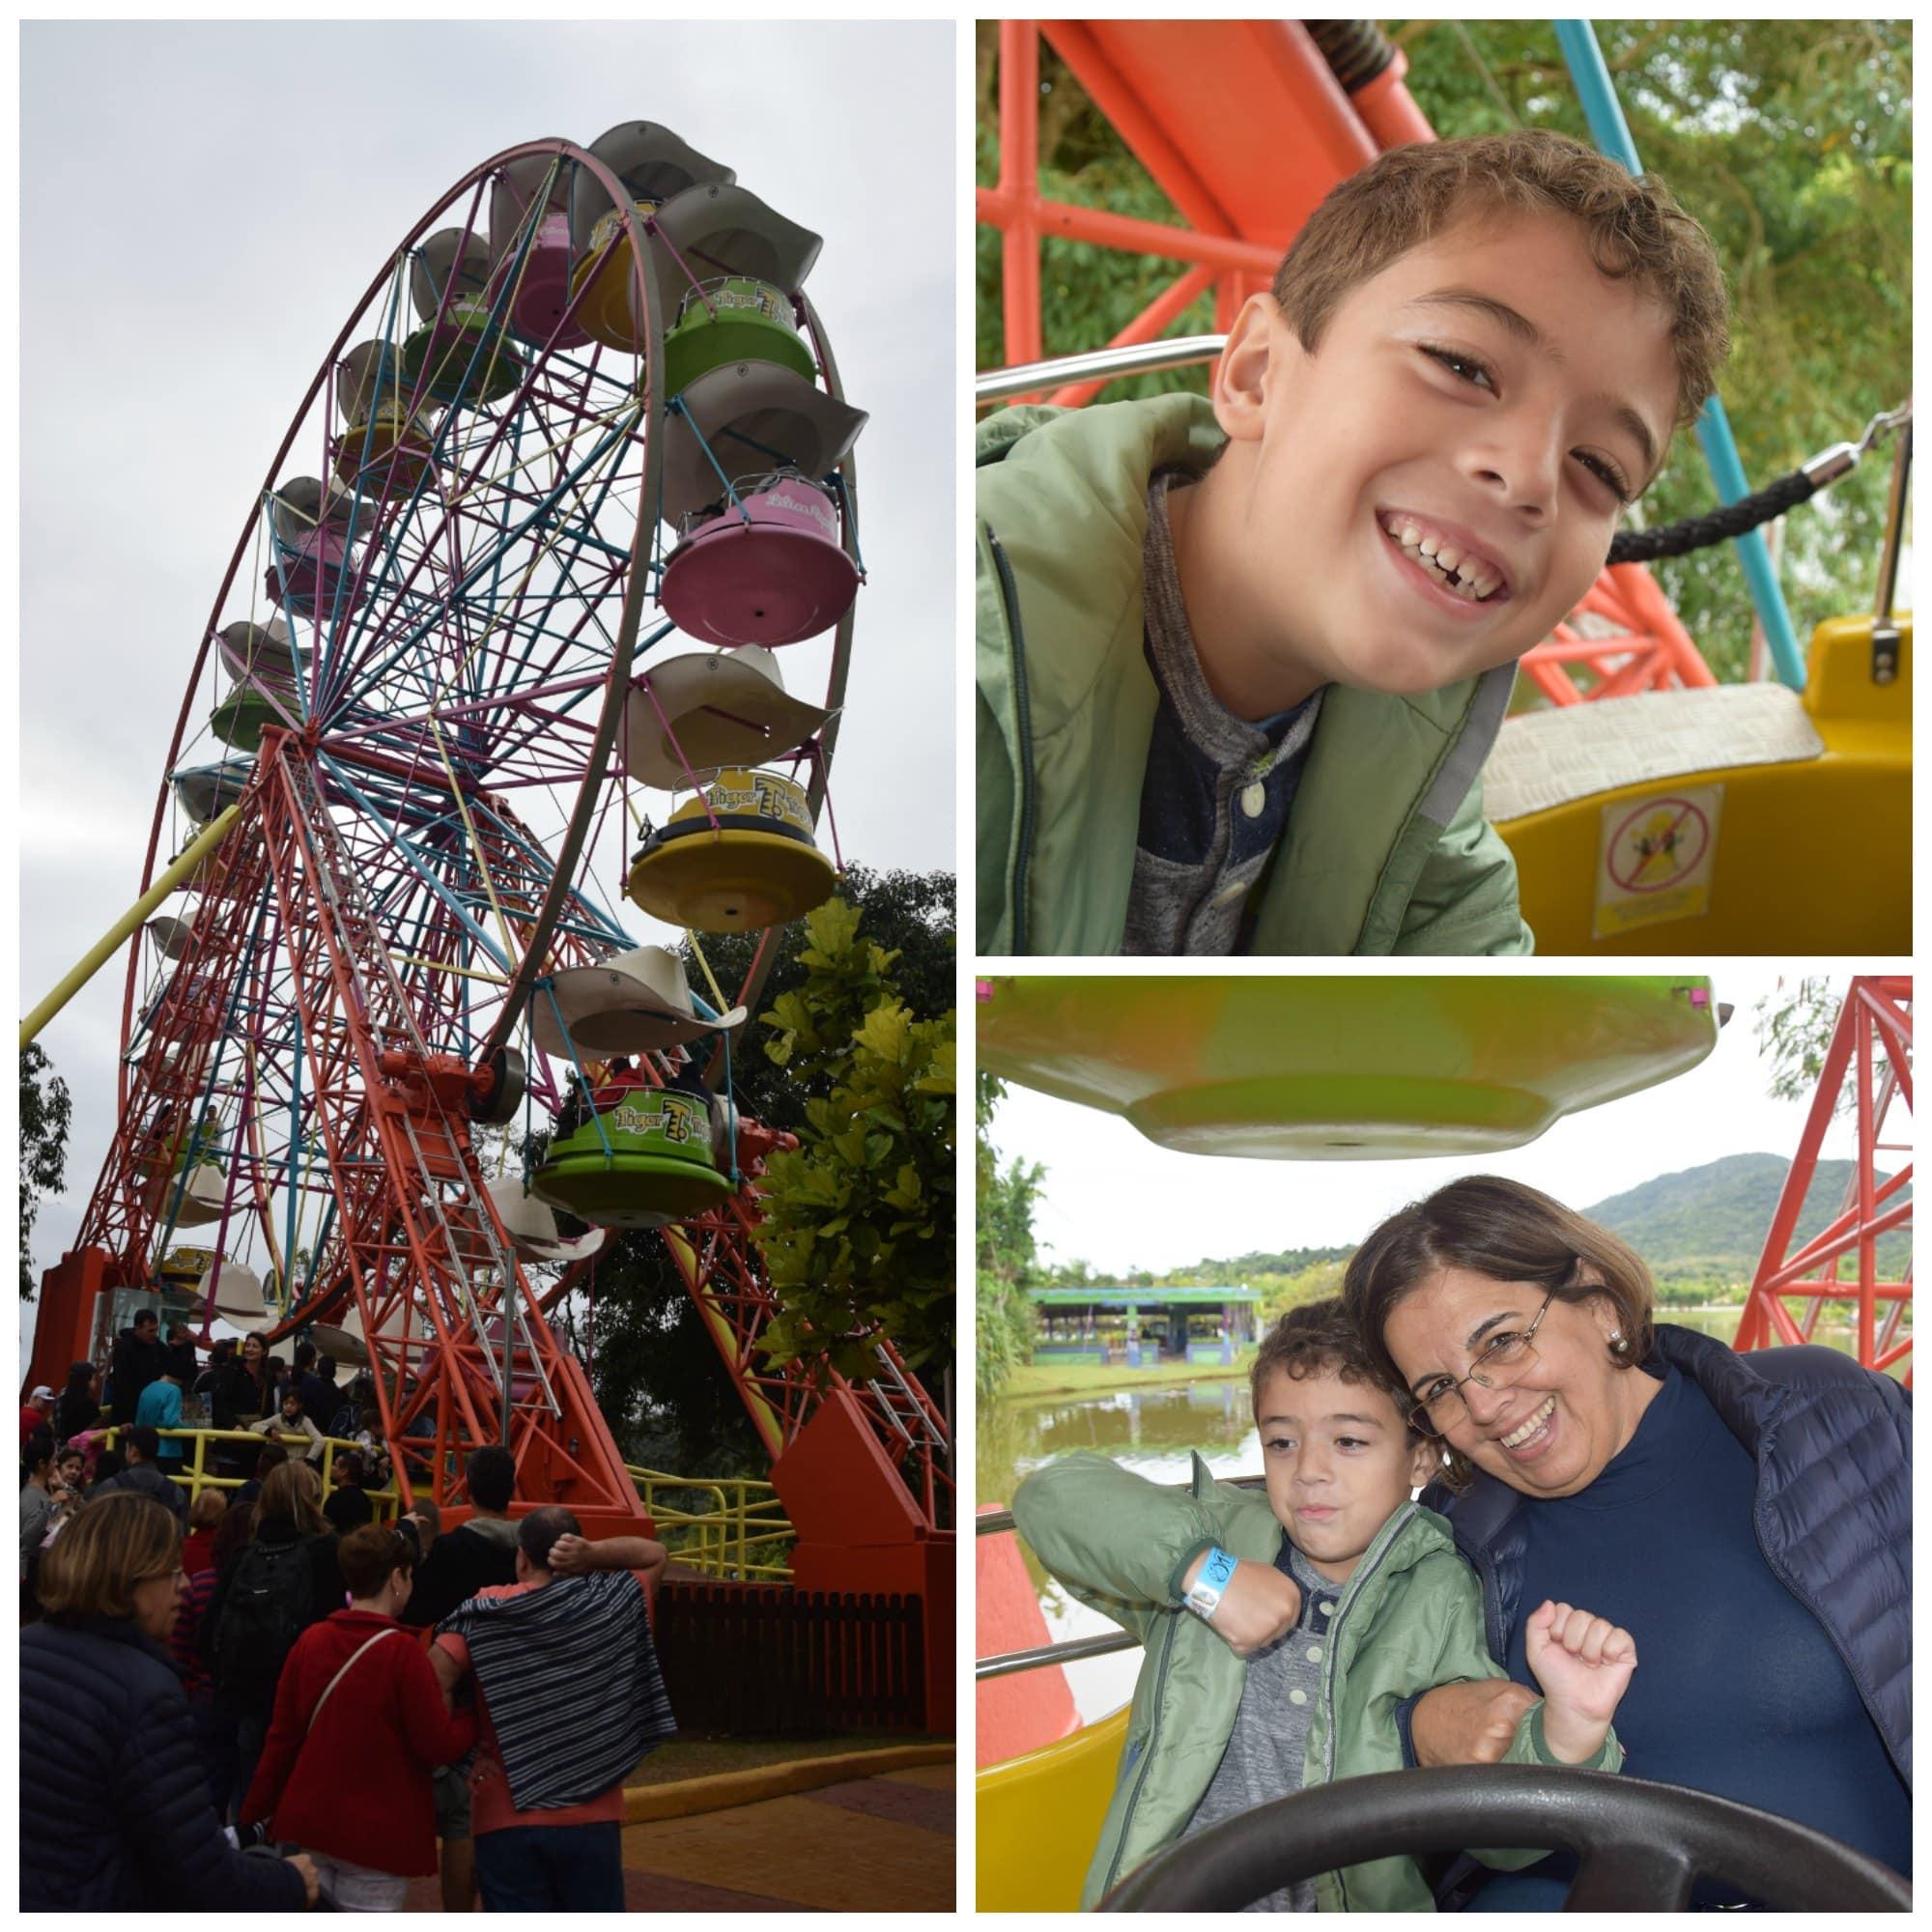 A Roda Gigante faz sucesso com as crianças no Beto Carrero! Veja o que mais tem para fazer no parque nesse post!